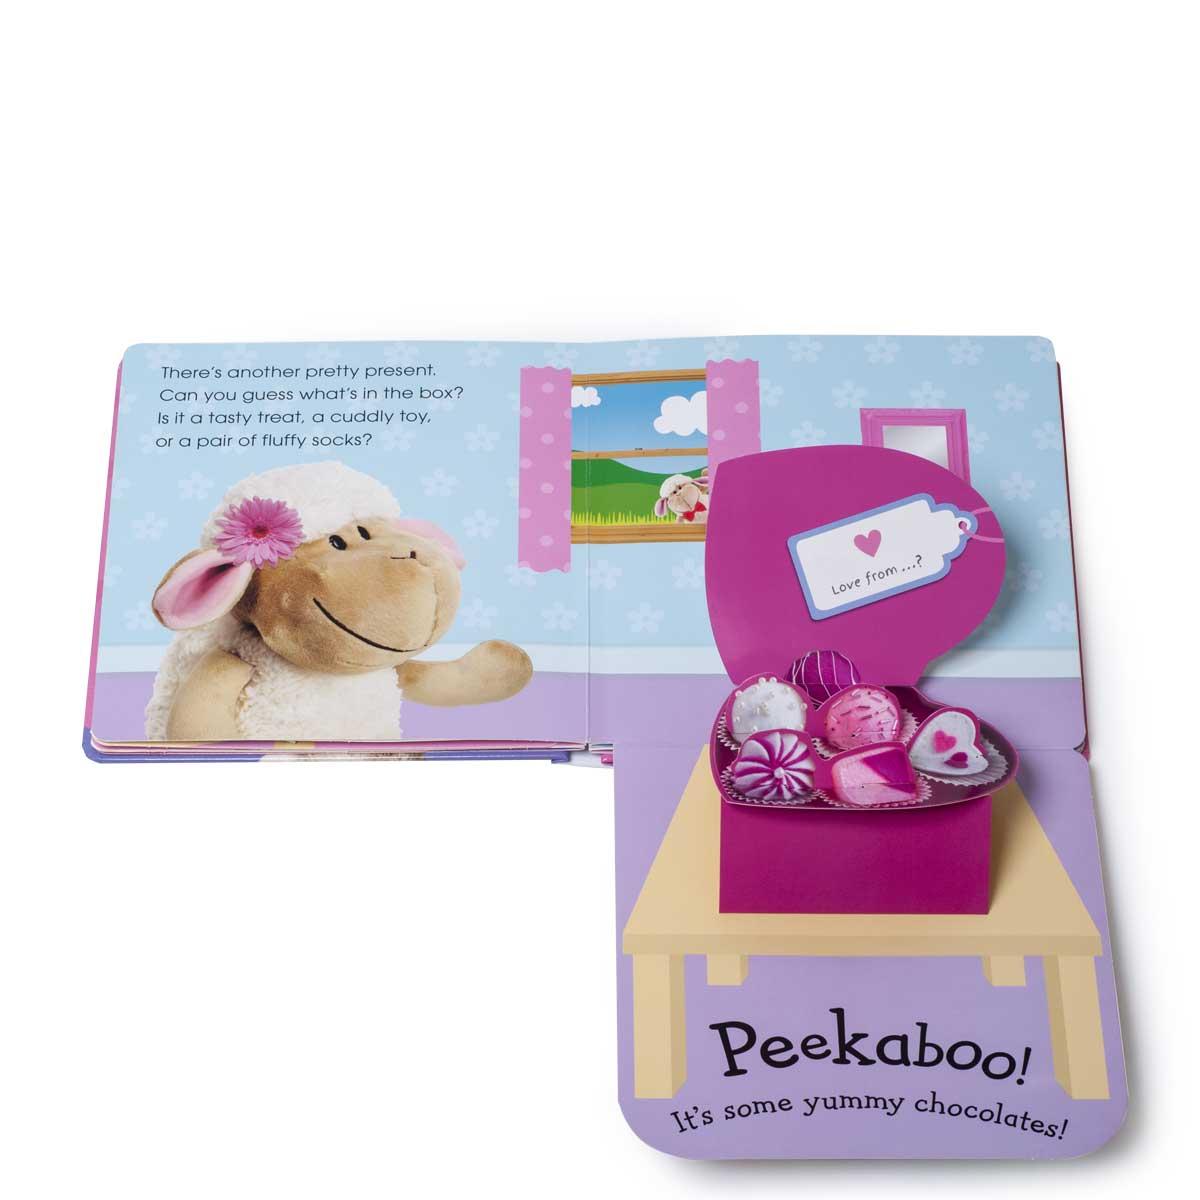 Peekaboo-ILoveYou_Box-open-1200x1200.jpg